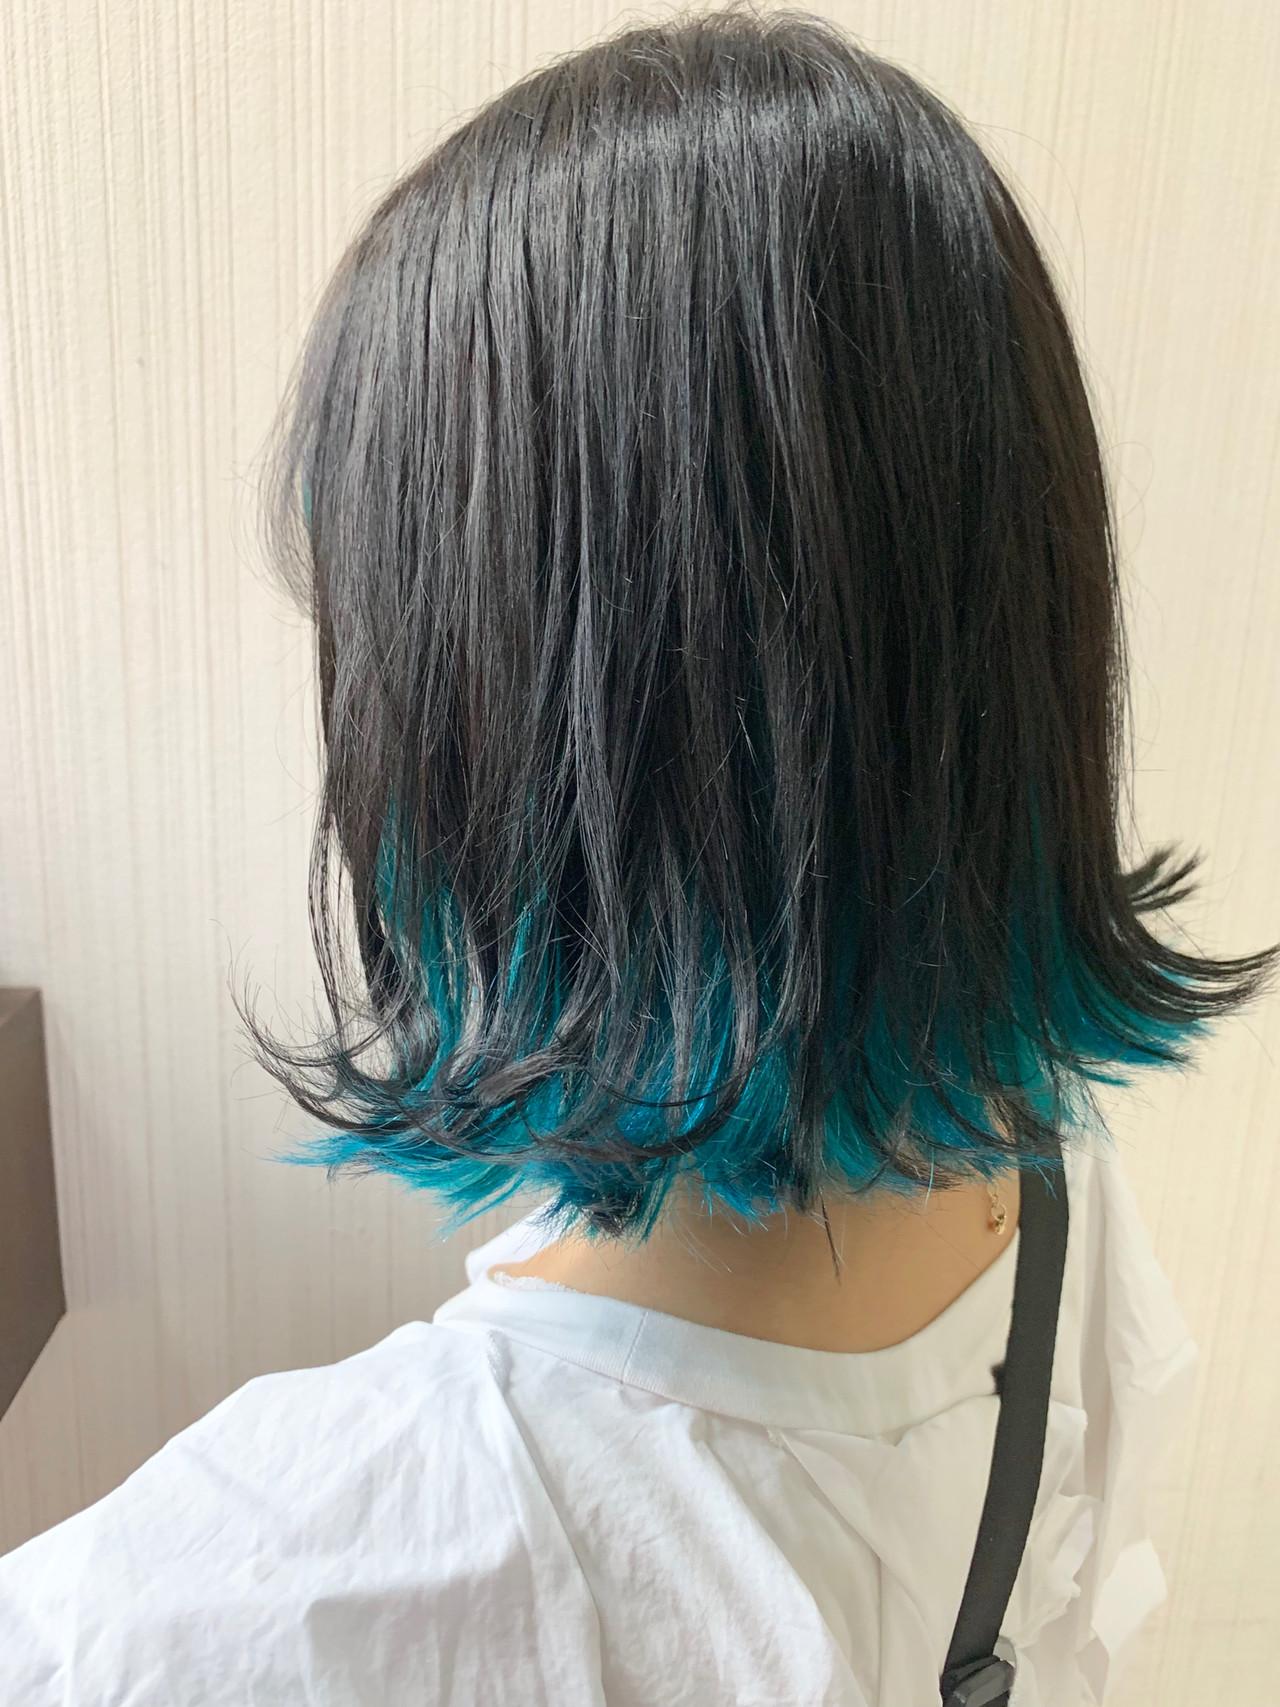 ナチュラル ヘアアレンジ ターコイズブルー 簡単ヘアアレンジ ヘアスタイルや髪型の写真・画像